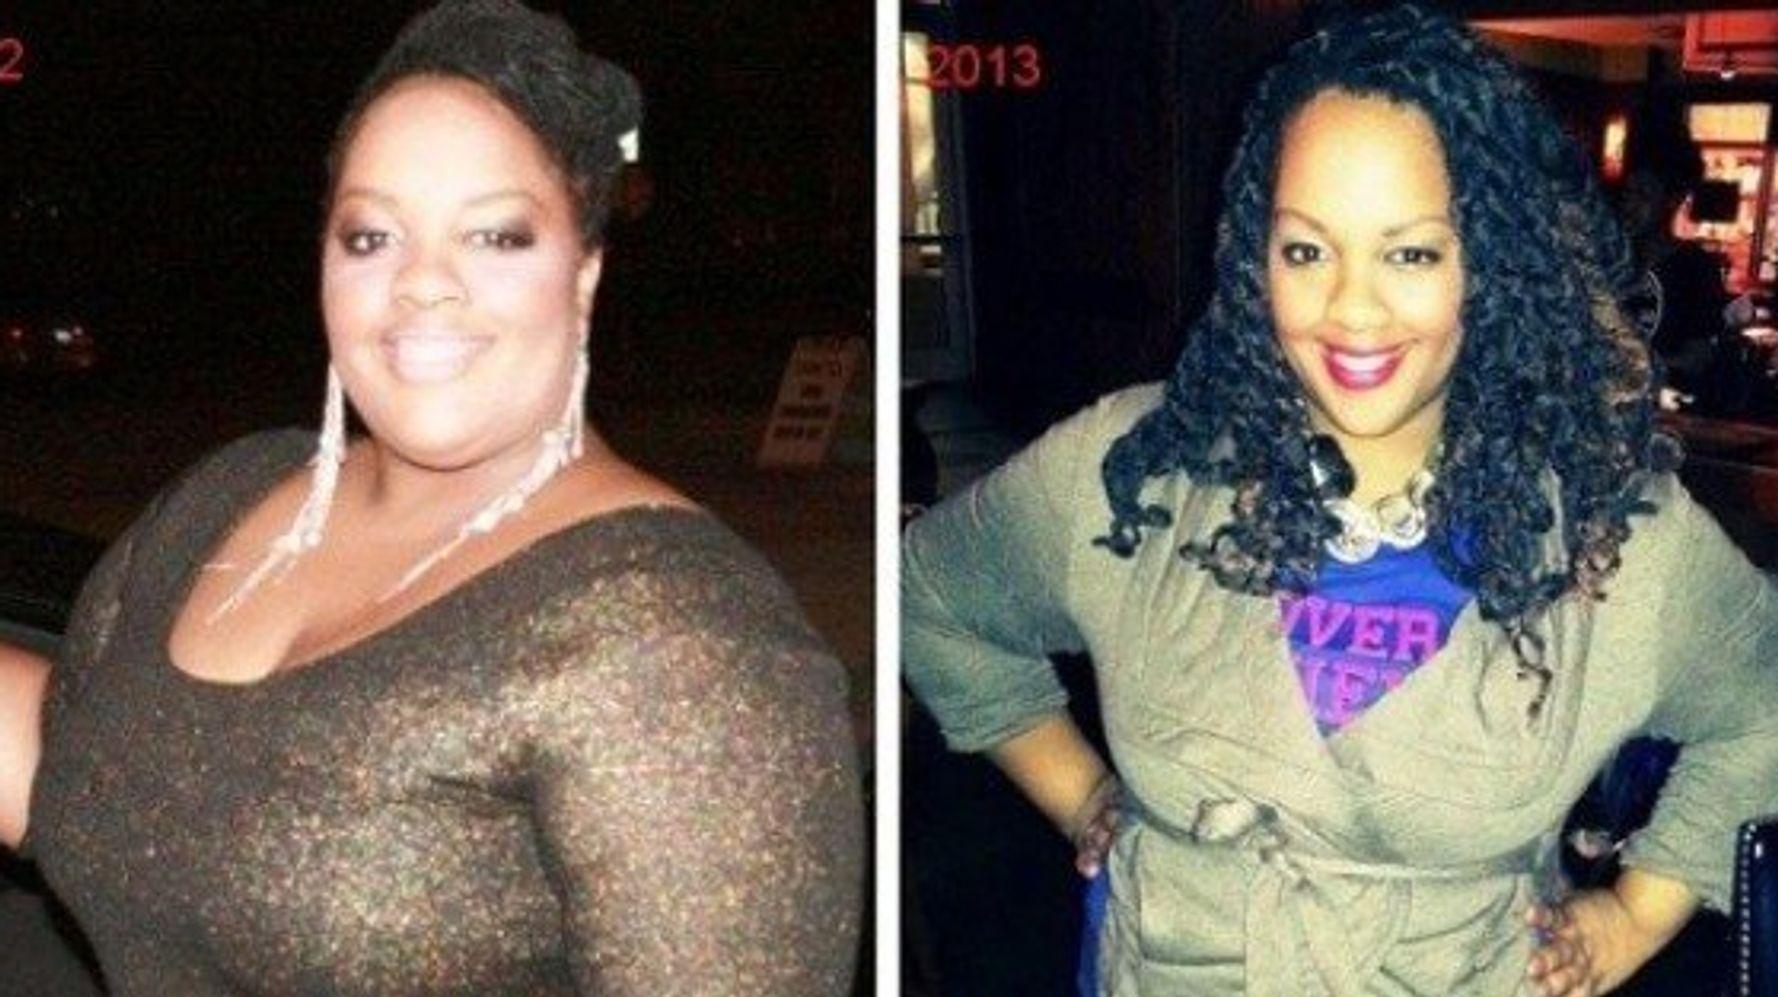 comment convaincre sa petite amie de perdre du poids